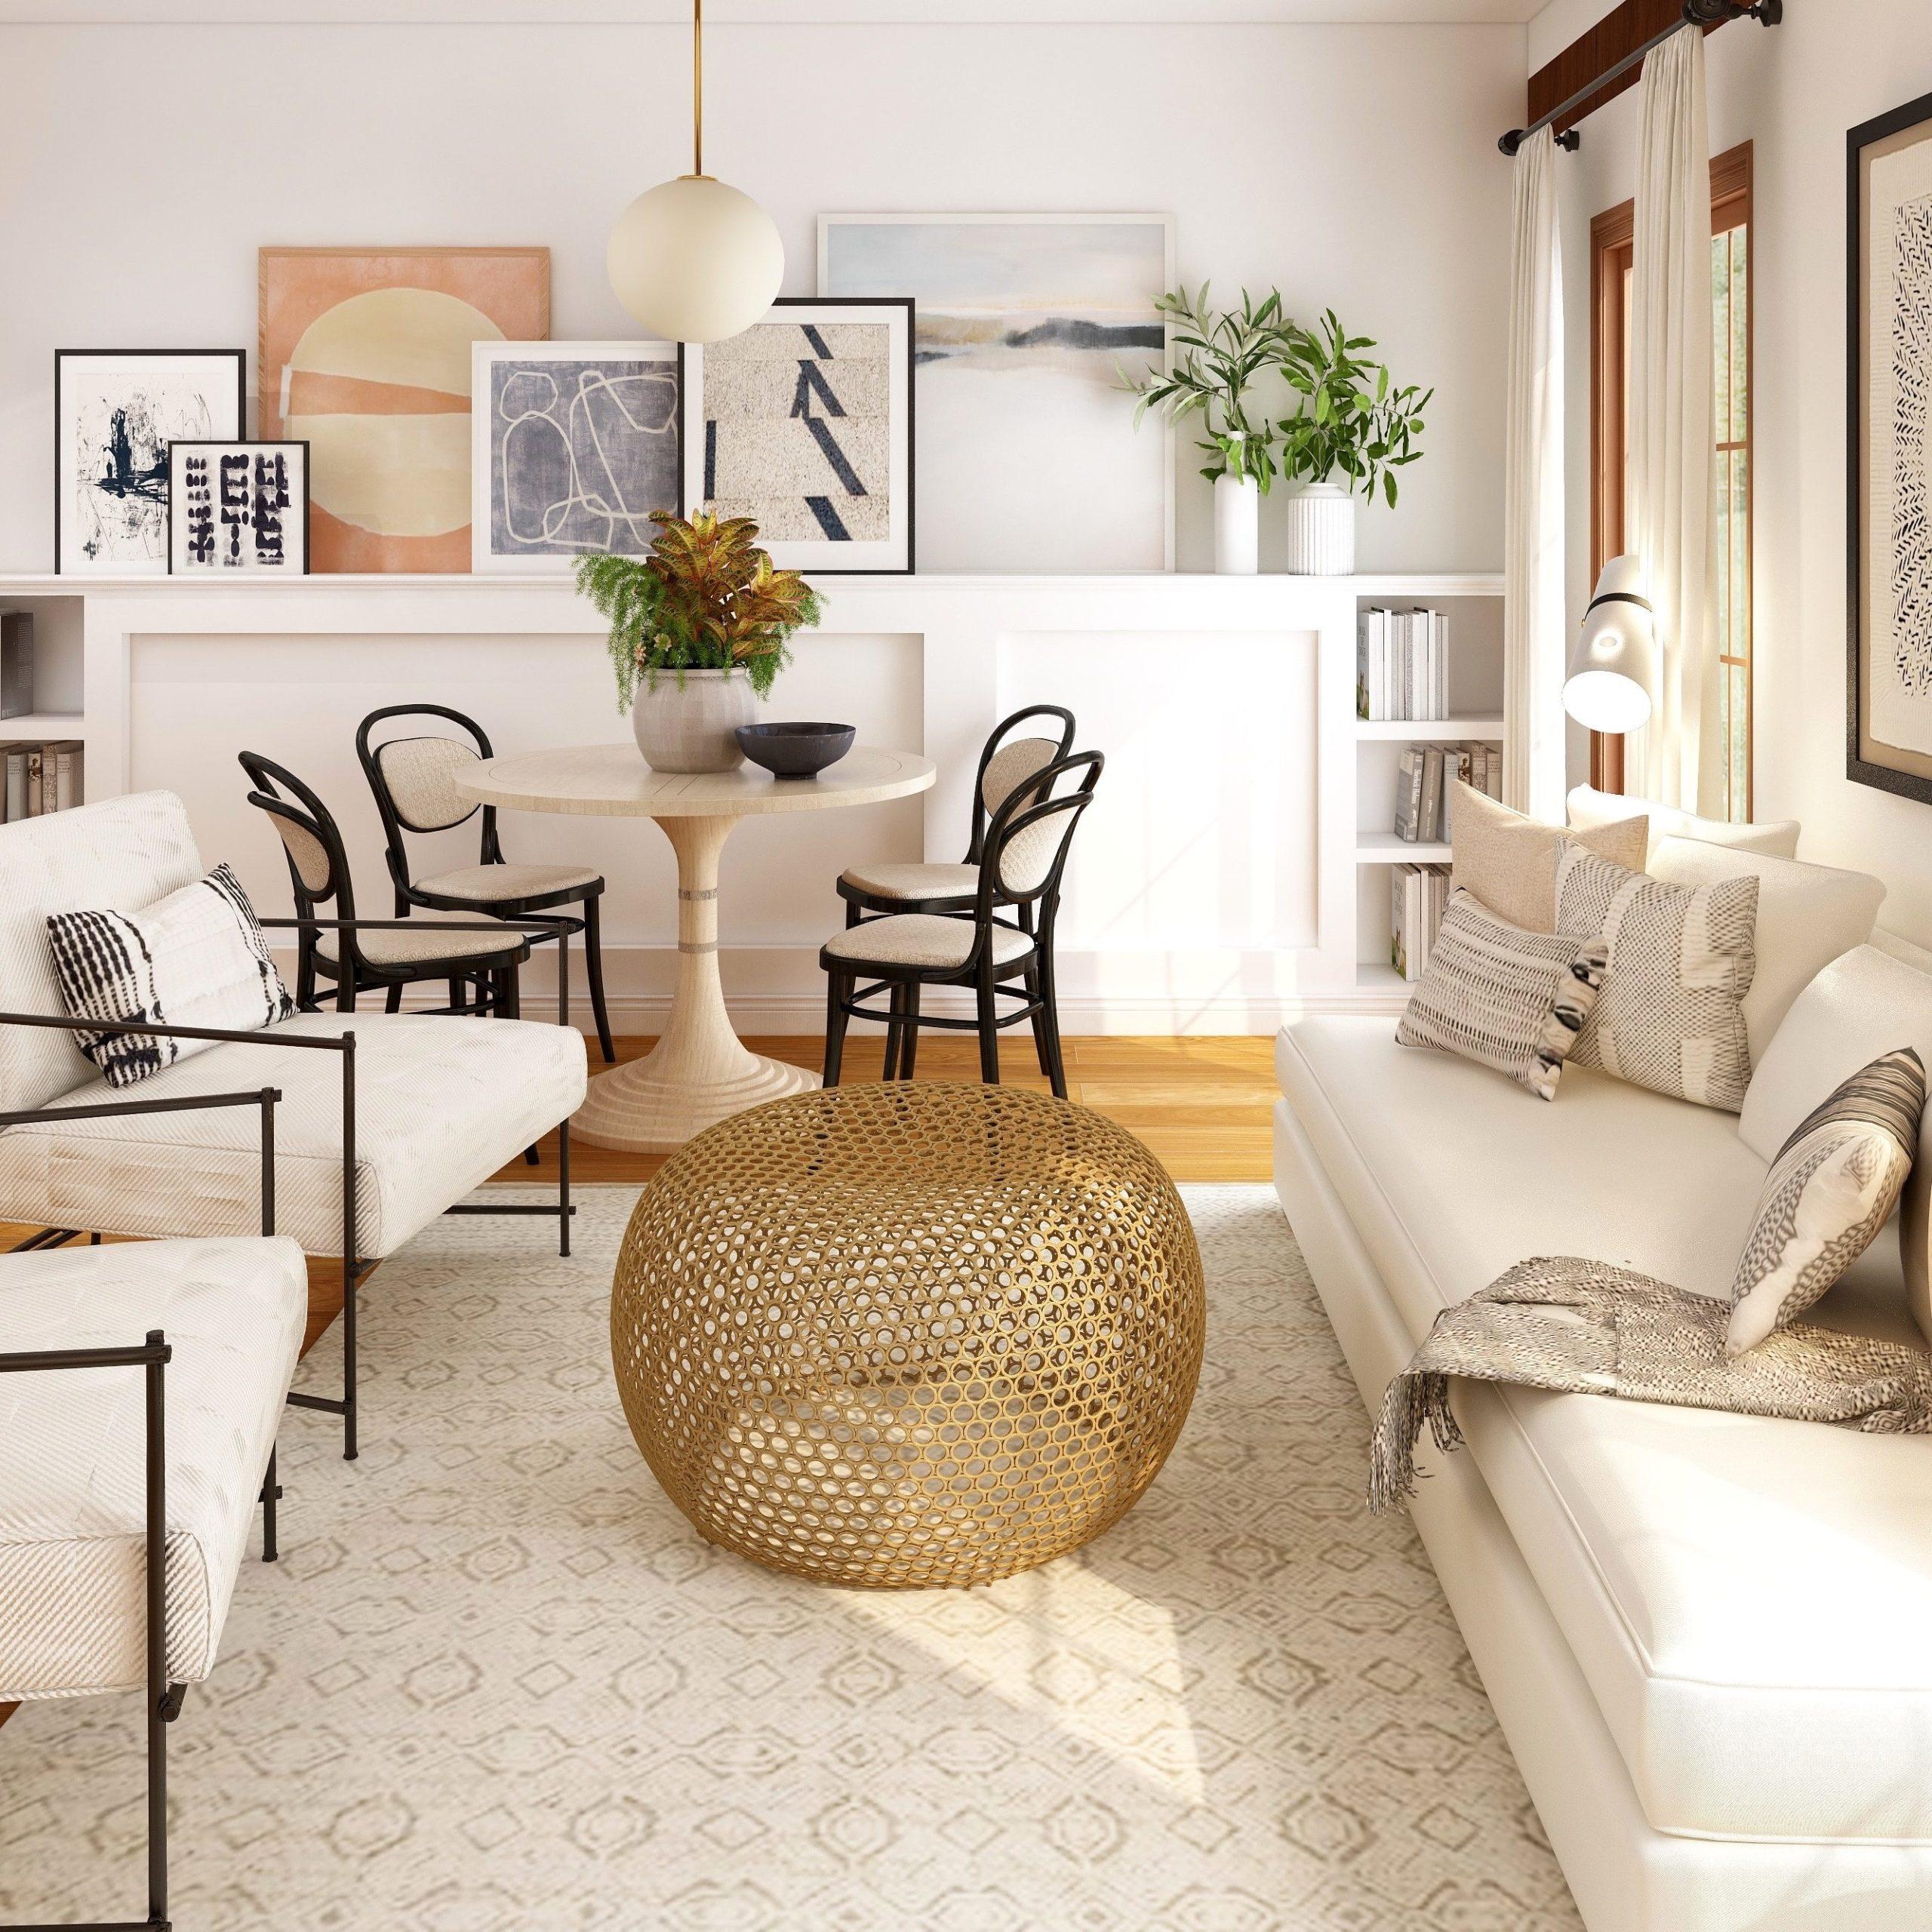 unique coffee table decor